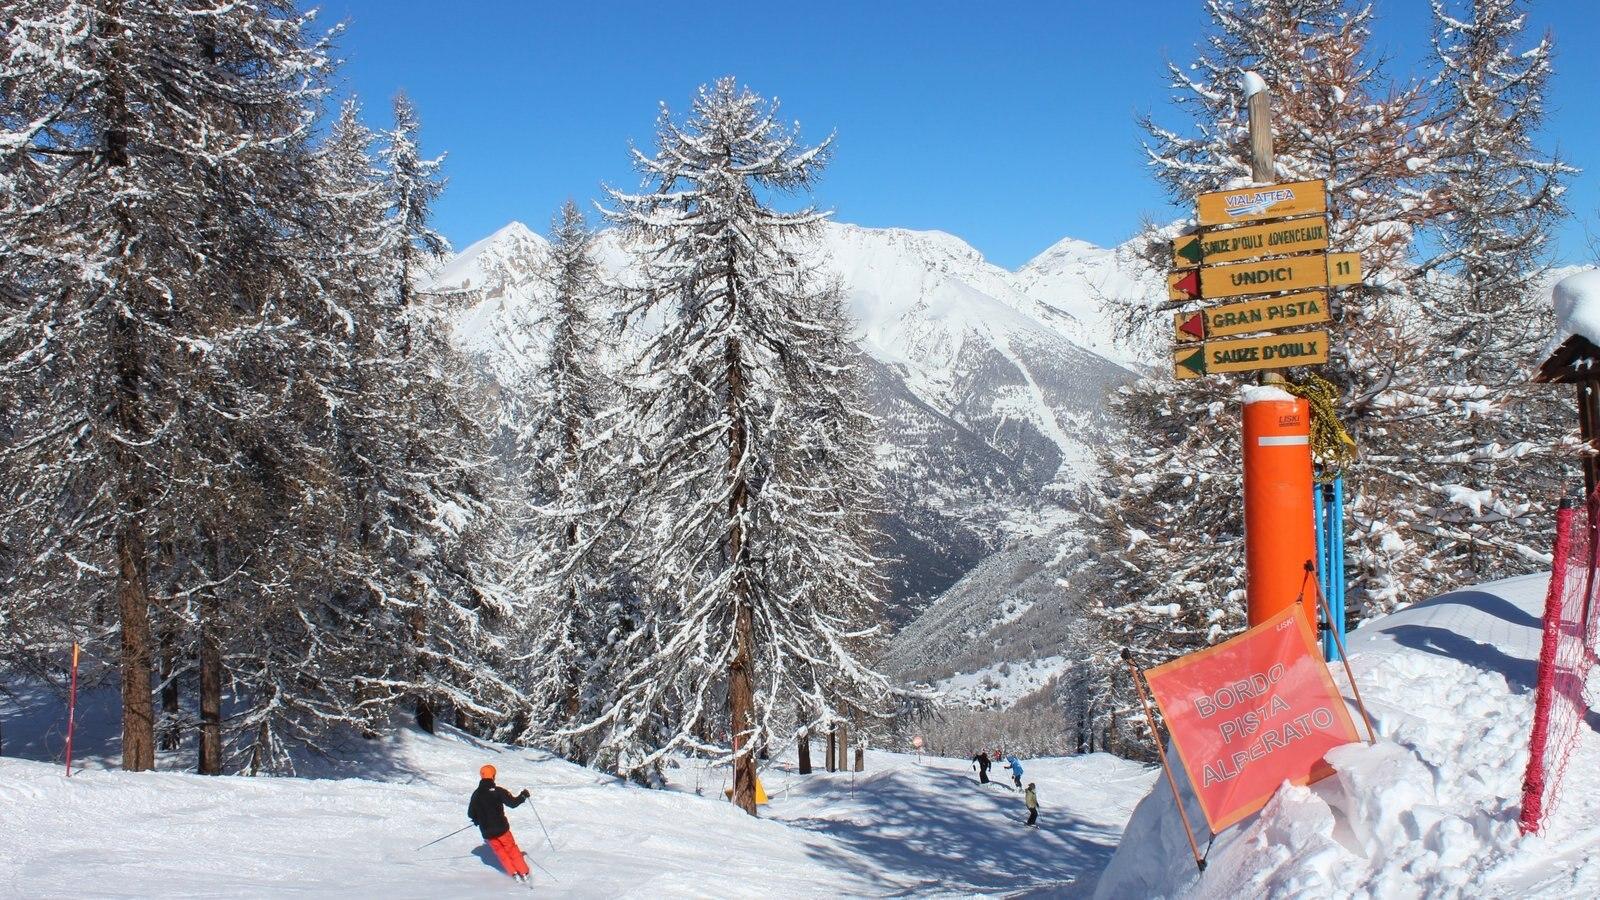 Sauze d\'Oulx que incluye señalización, nieve y esquiar en la nieve